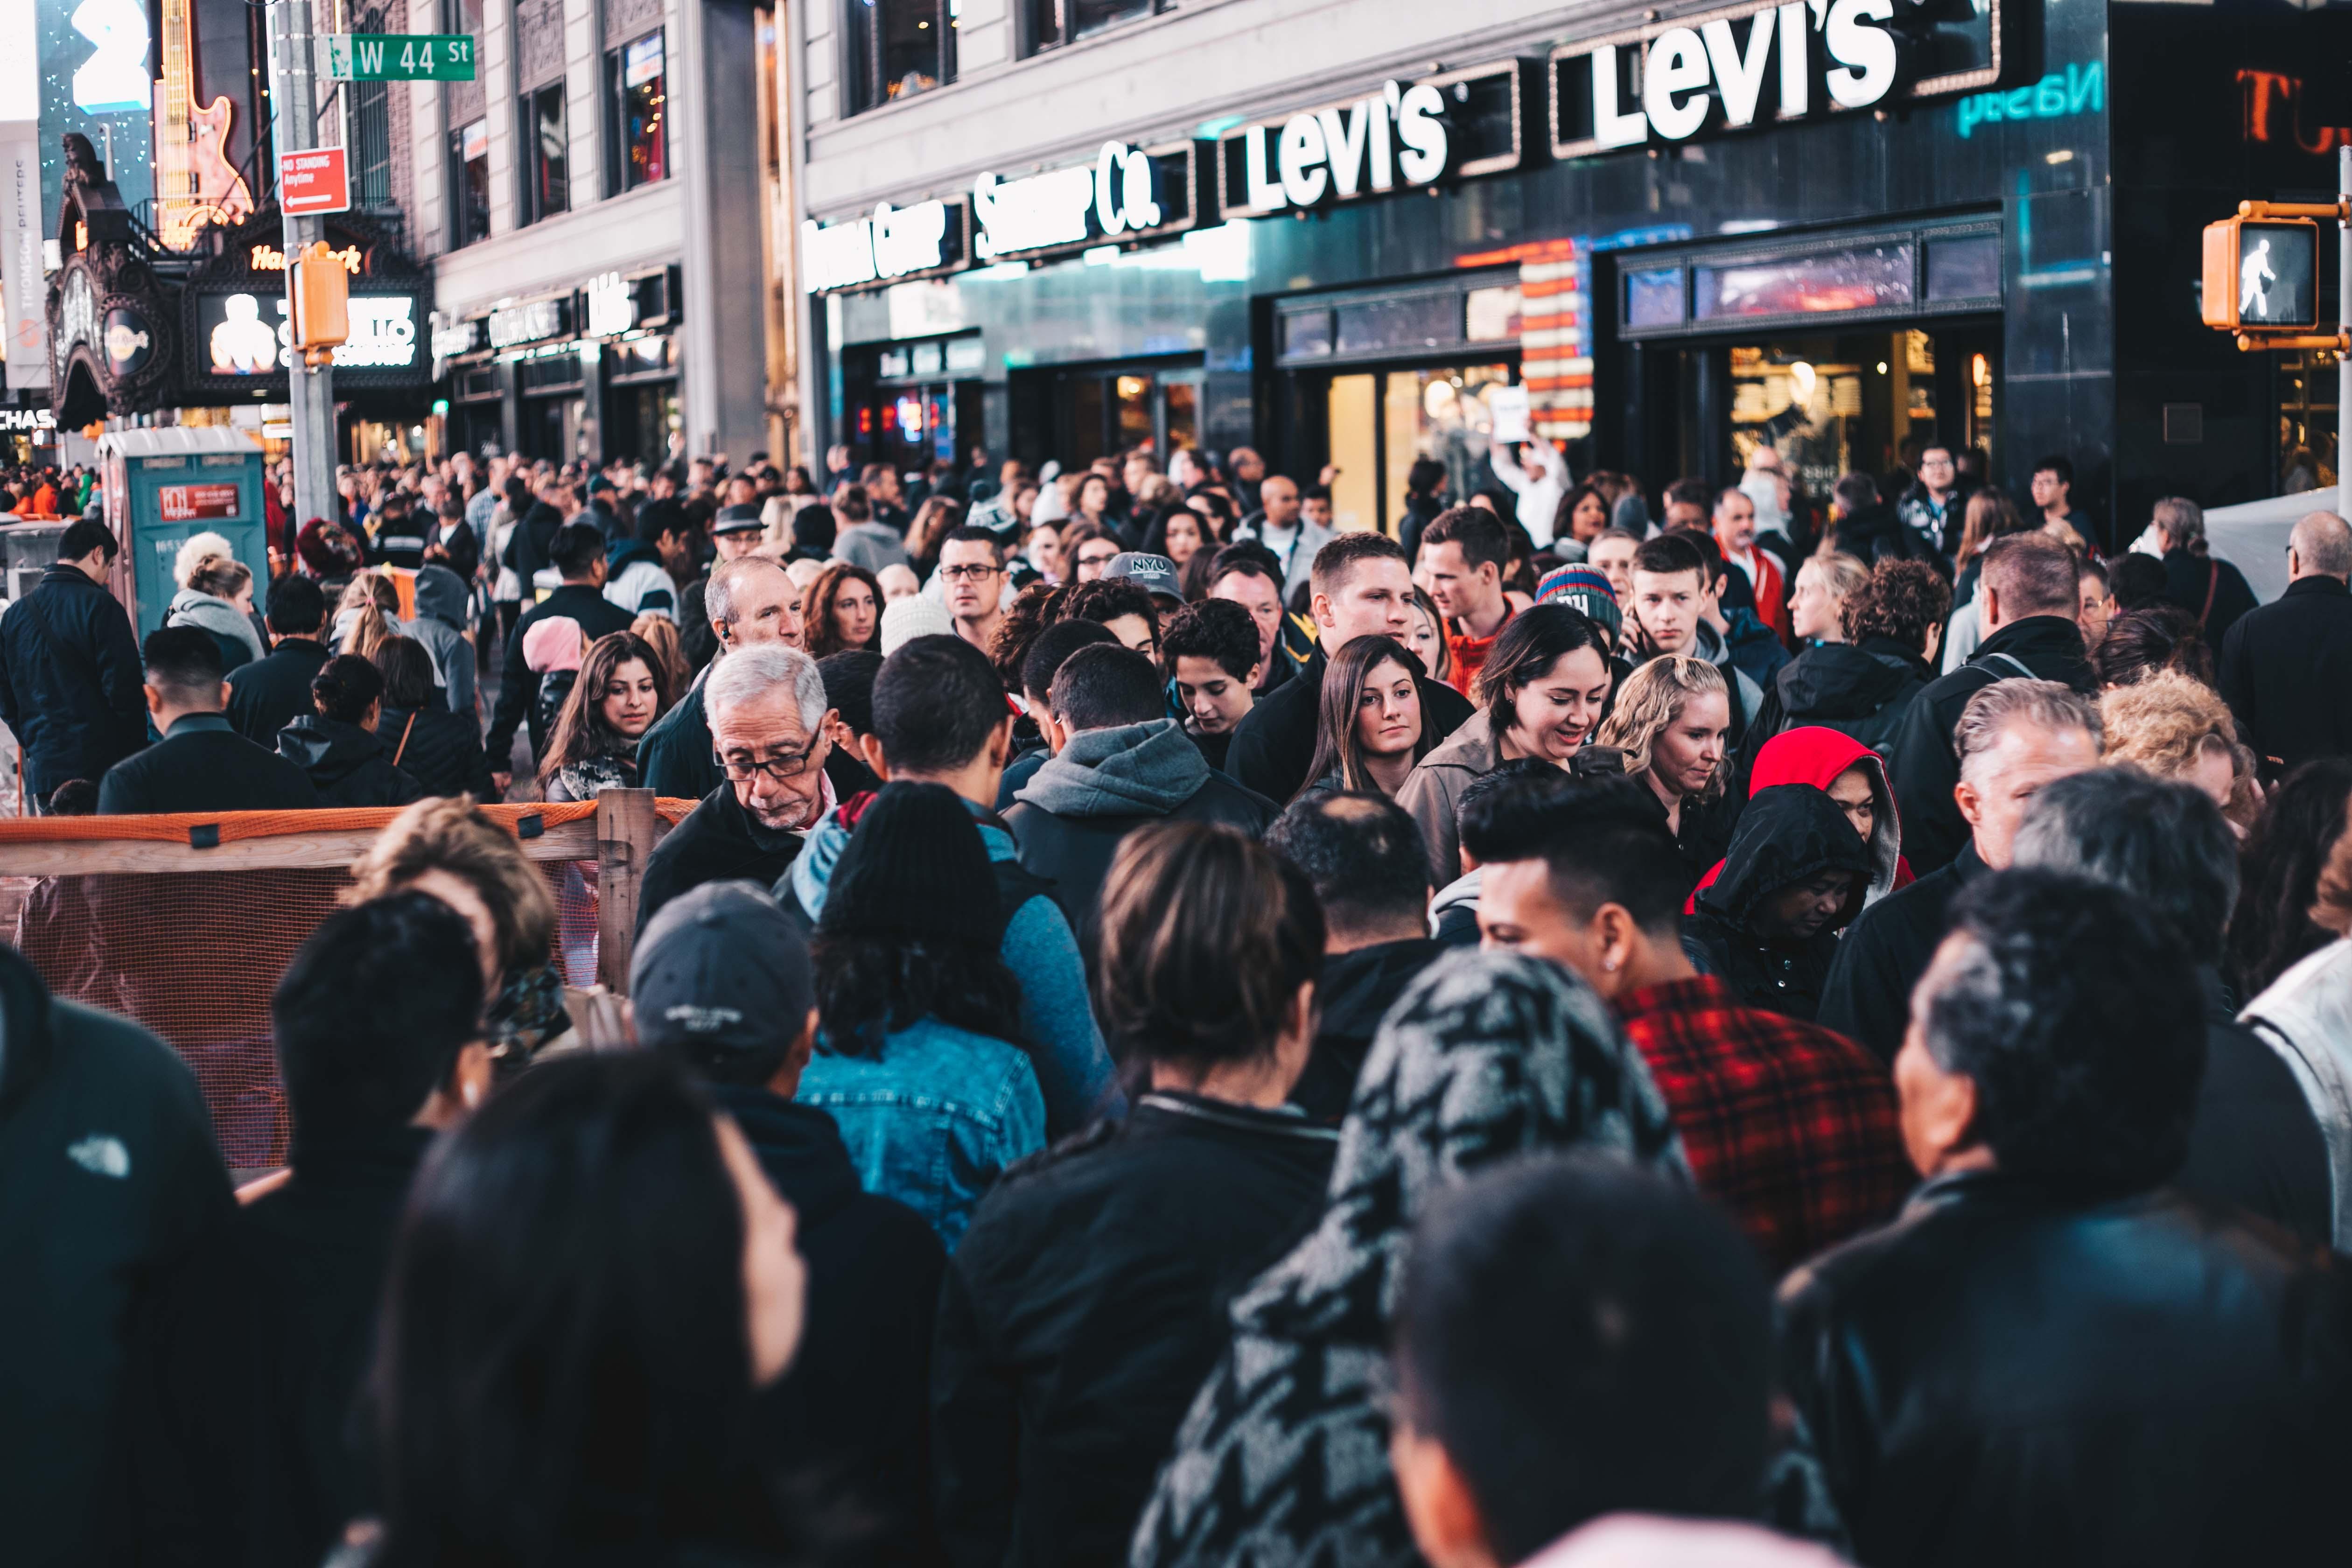 Végeláthatalan tömeg a Time Square közelében